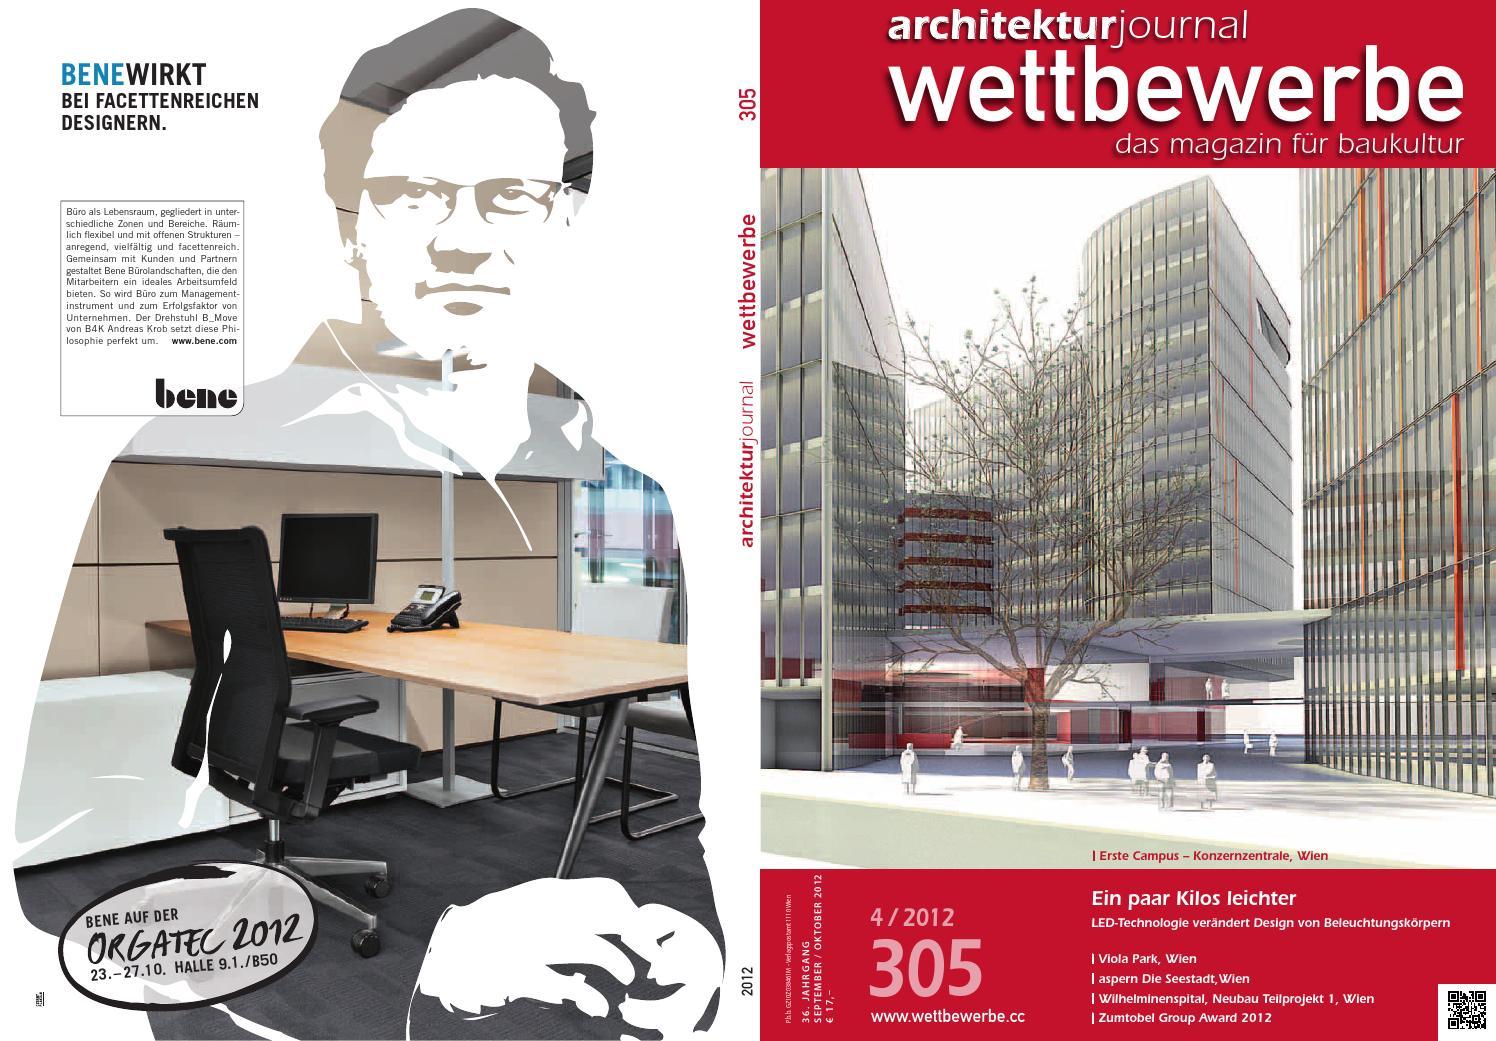 305 42012 Septokt By Architekturjournal Wettbewerbe Issuu